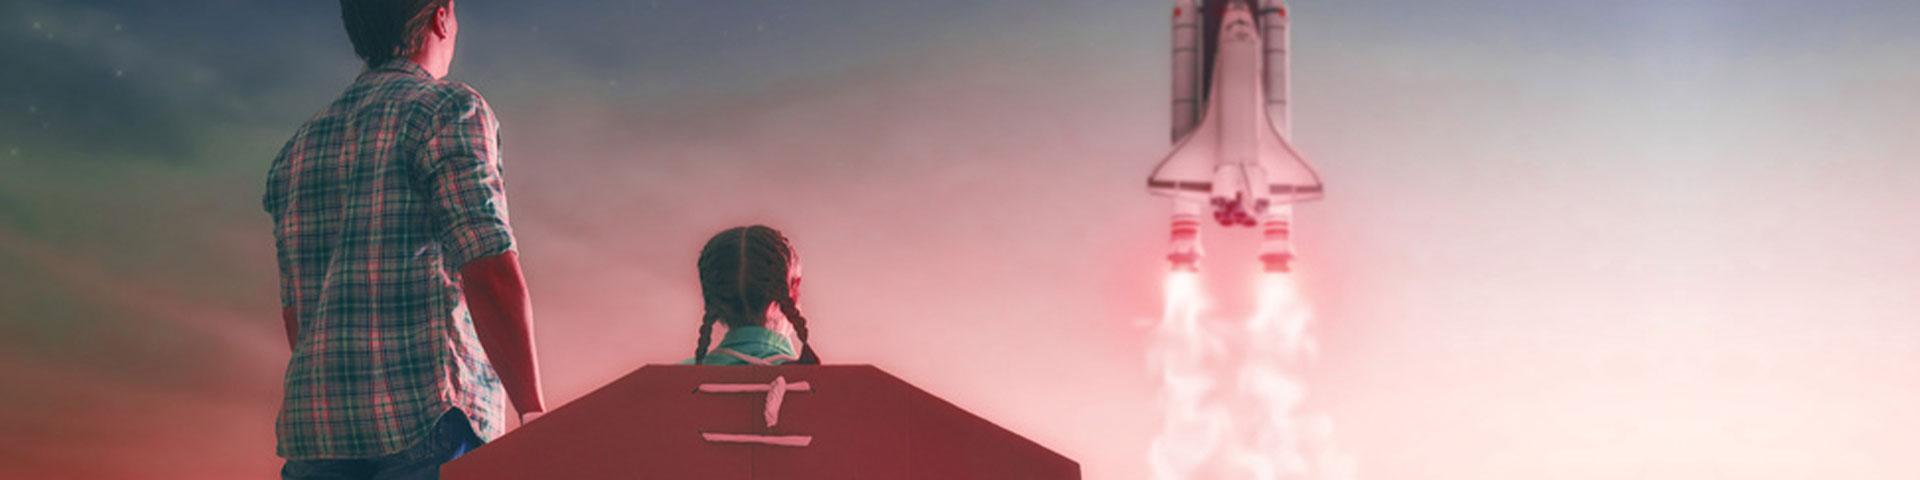 Raket starter mens to børn kigger